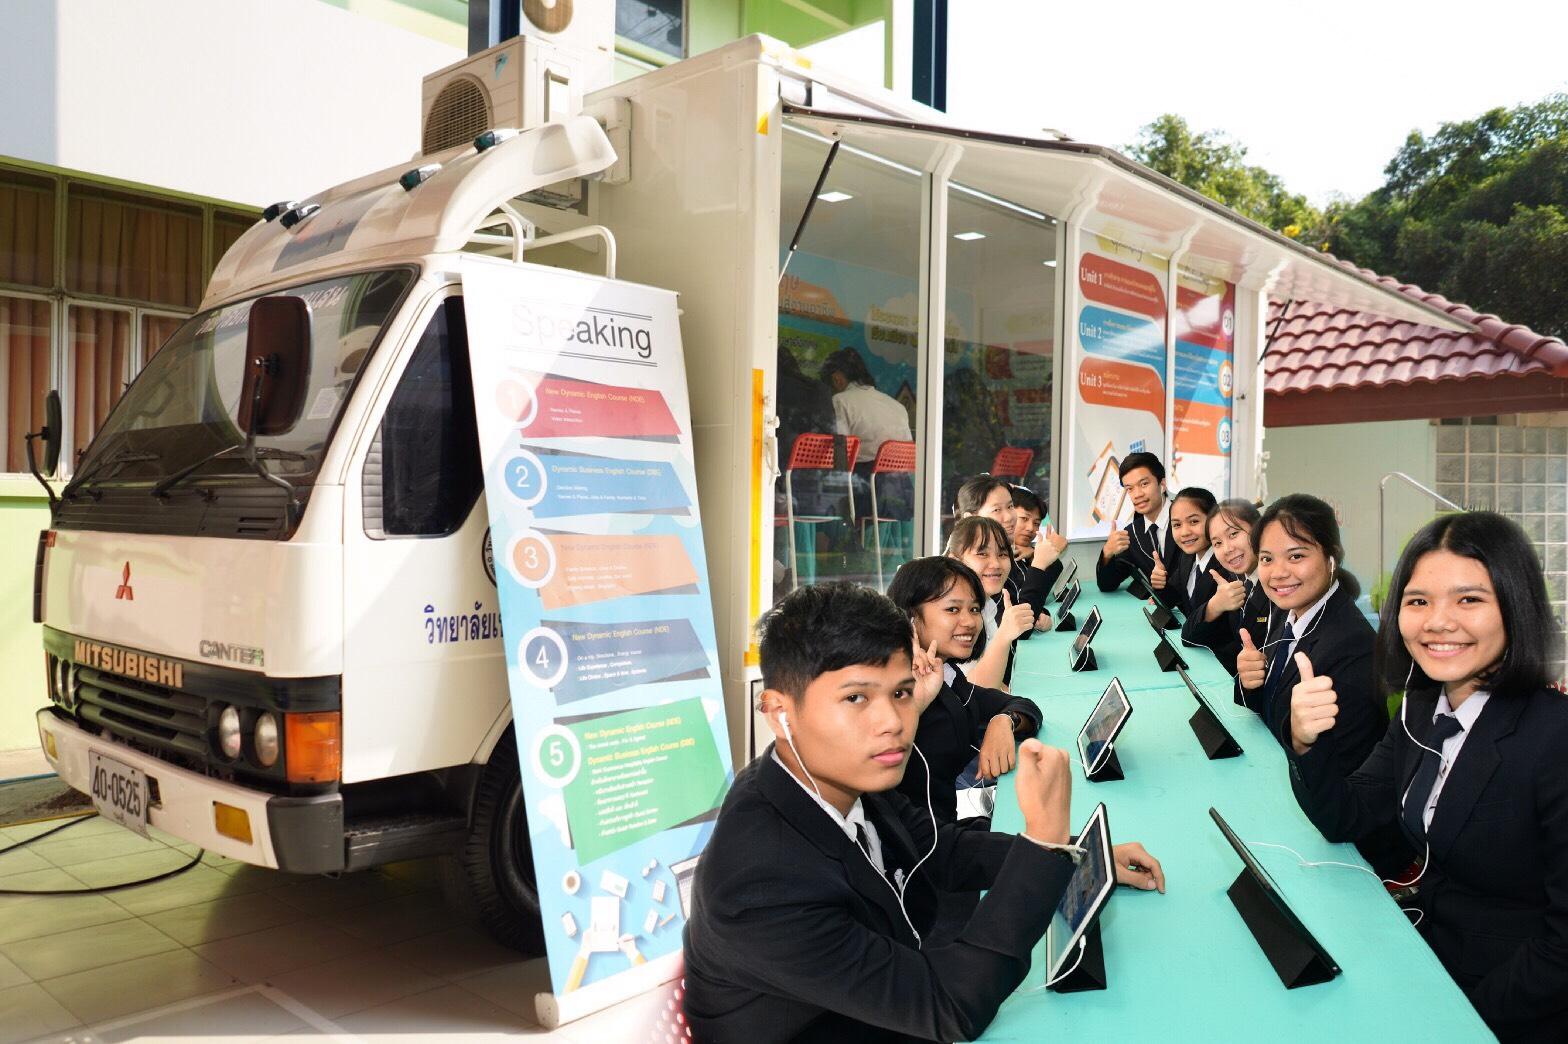 อาชีวะผุด English Mobile Unit ในพื้นที่ EEC มุ่งฝึกภาษาอังกฤษเด็กช่างปวช.-ปวส.ปีสุดท้าย